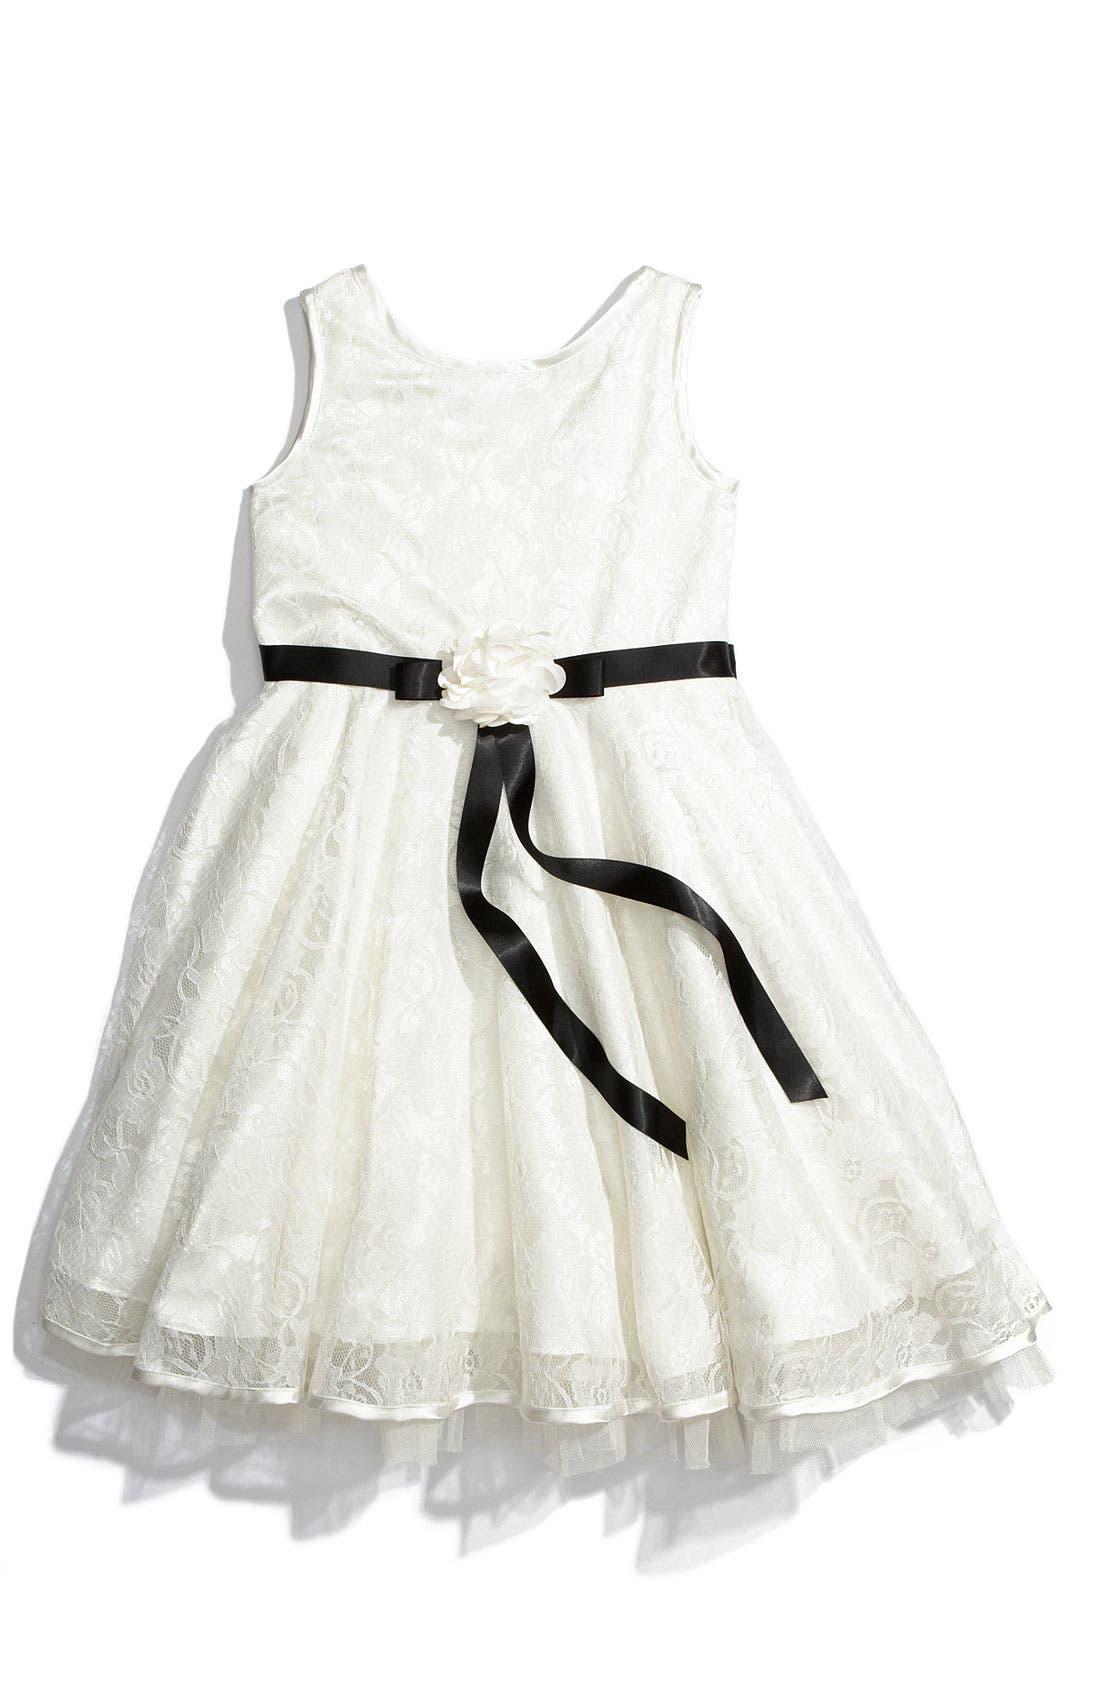 Alternate Image 1 Selected - Sweet Heart Rose Sleeveless Dress (Little Girls)